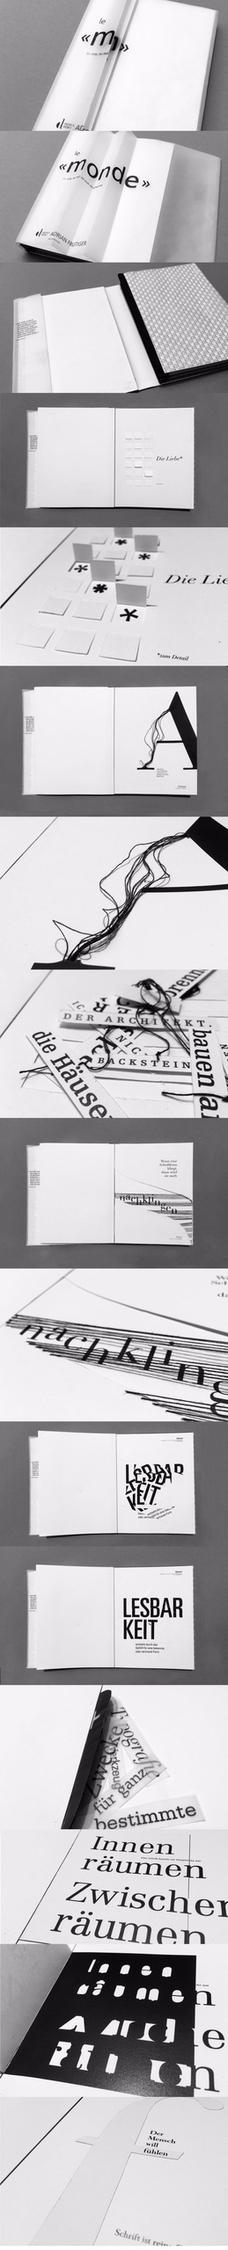 tribute swiss typeface designer - violakonrad | ello